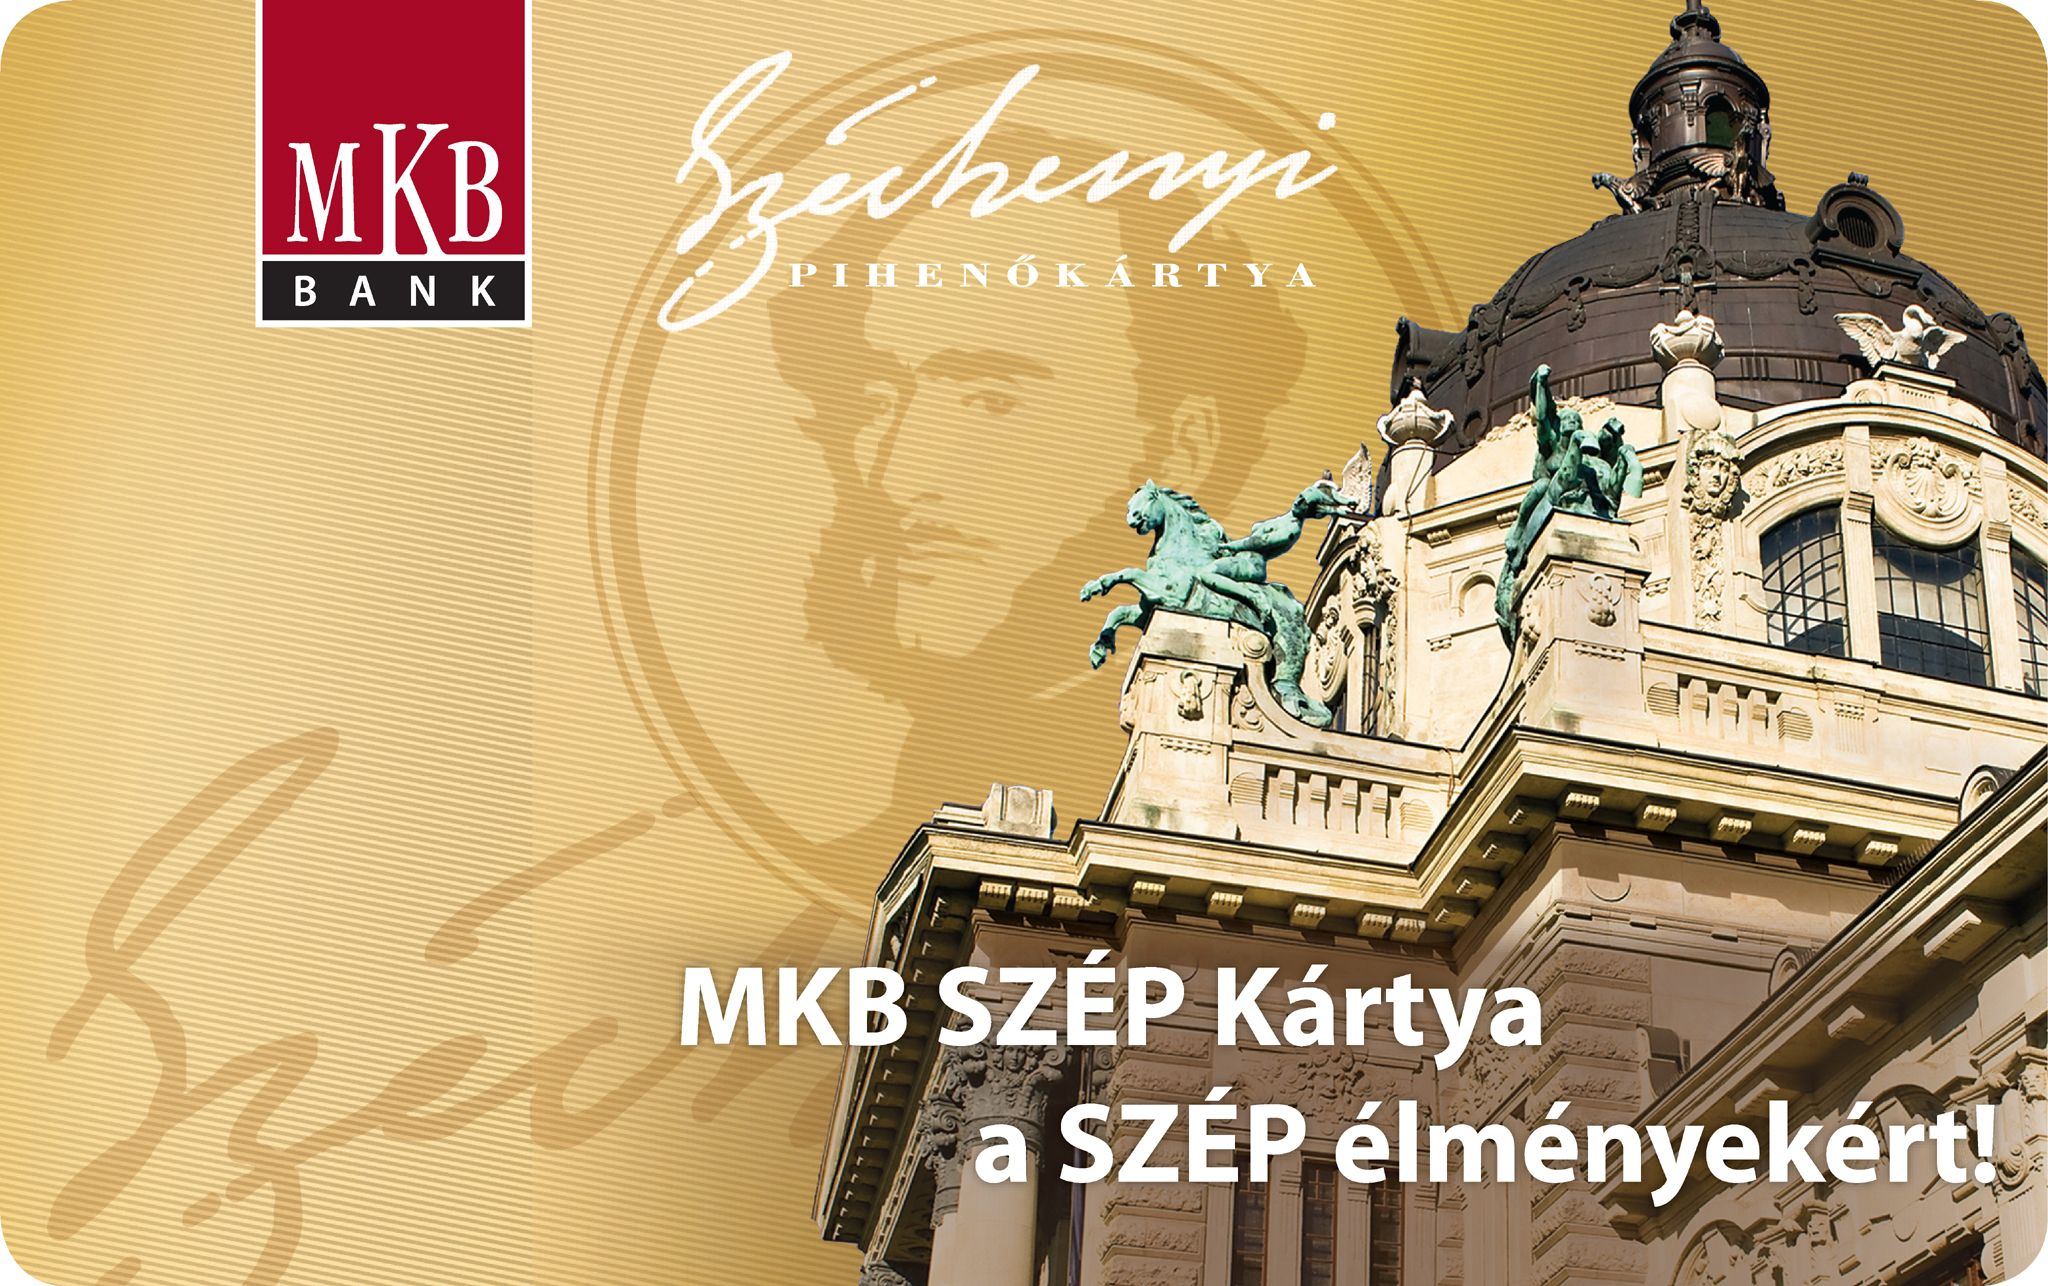 mkb-szep-kartya